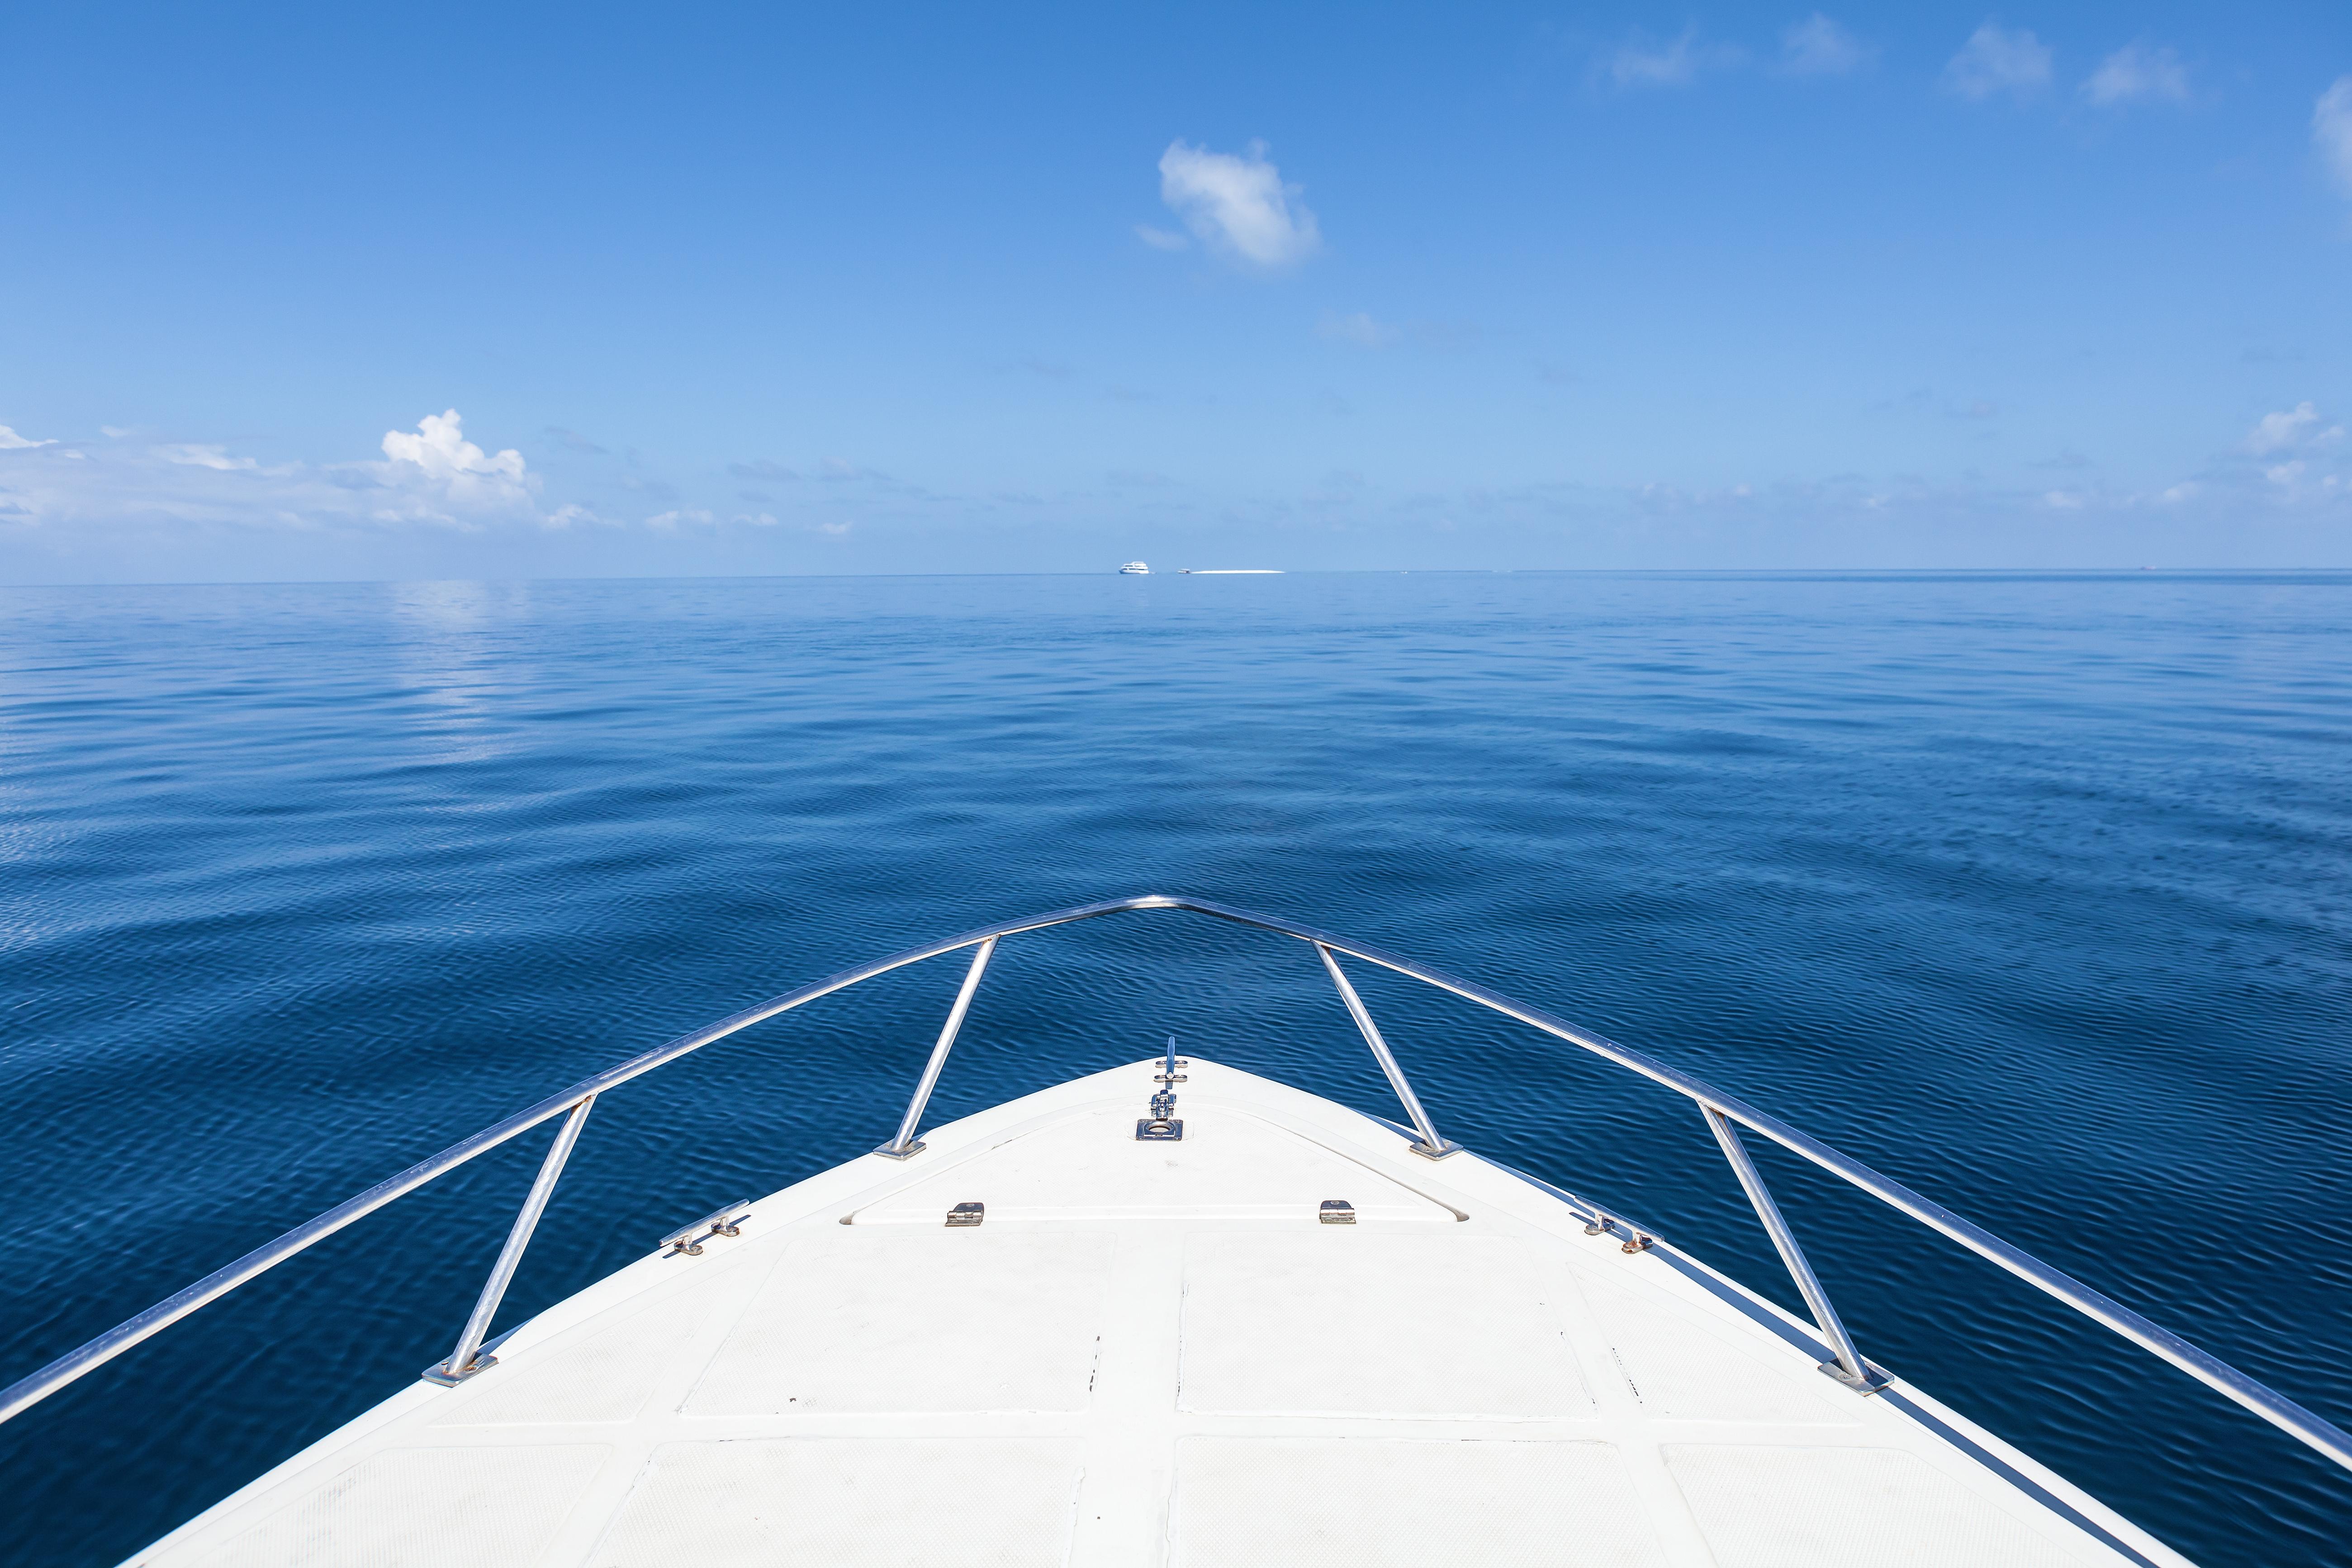 20 de oameni, inclusiv doi copii, au fost găsiți morți pe o barcă în insulele Turks şi Caicos